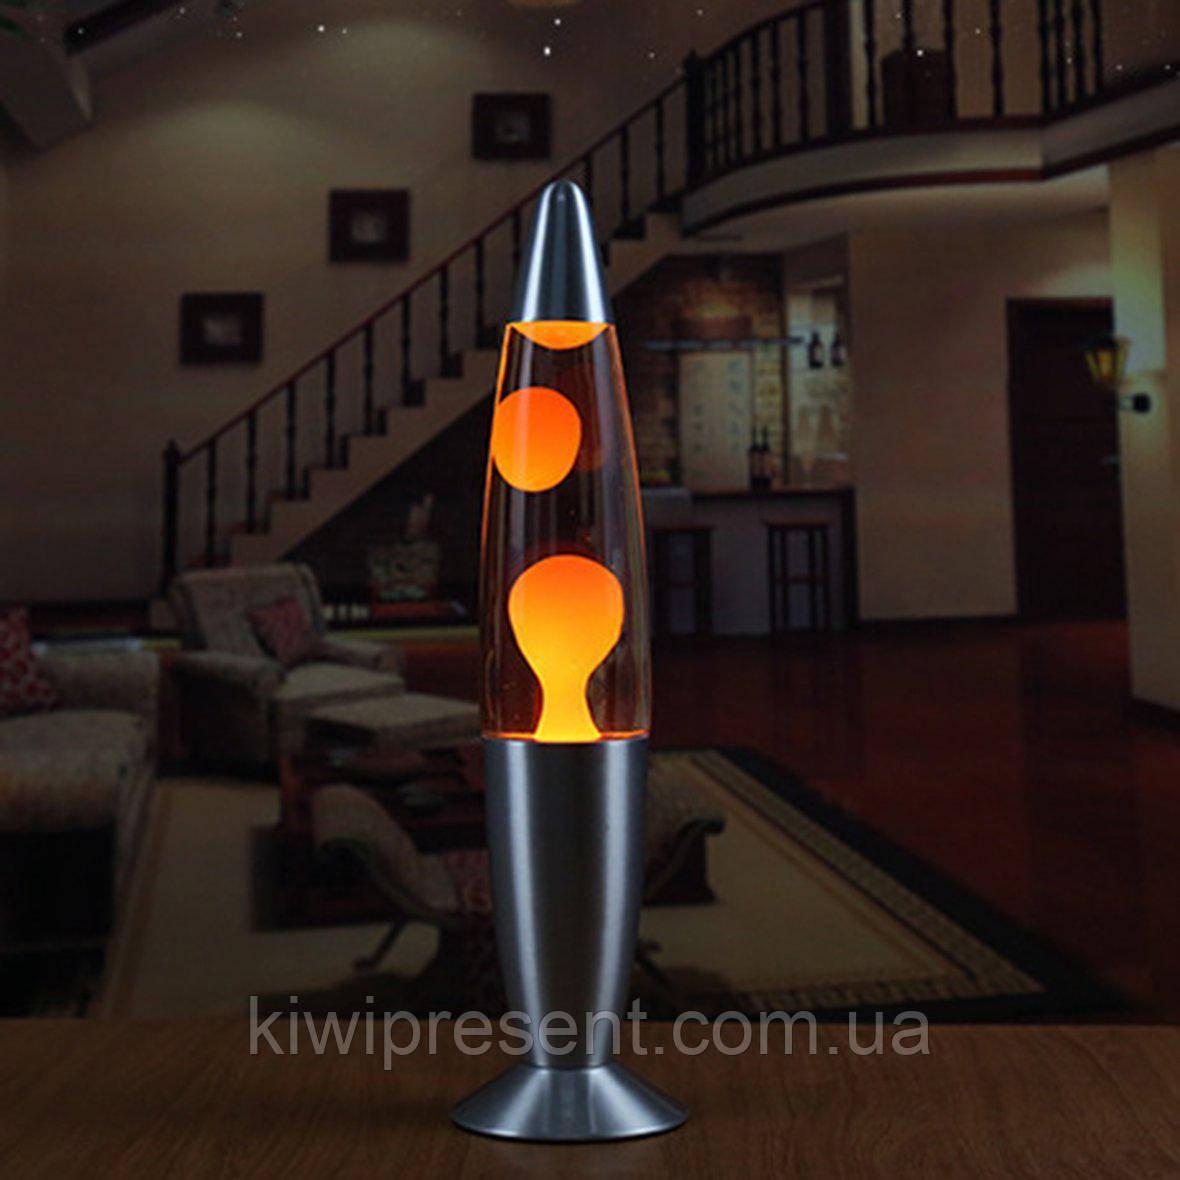 Лава Лампа ПОМАРАНЧЕВА 49 см Magma Lamp